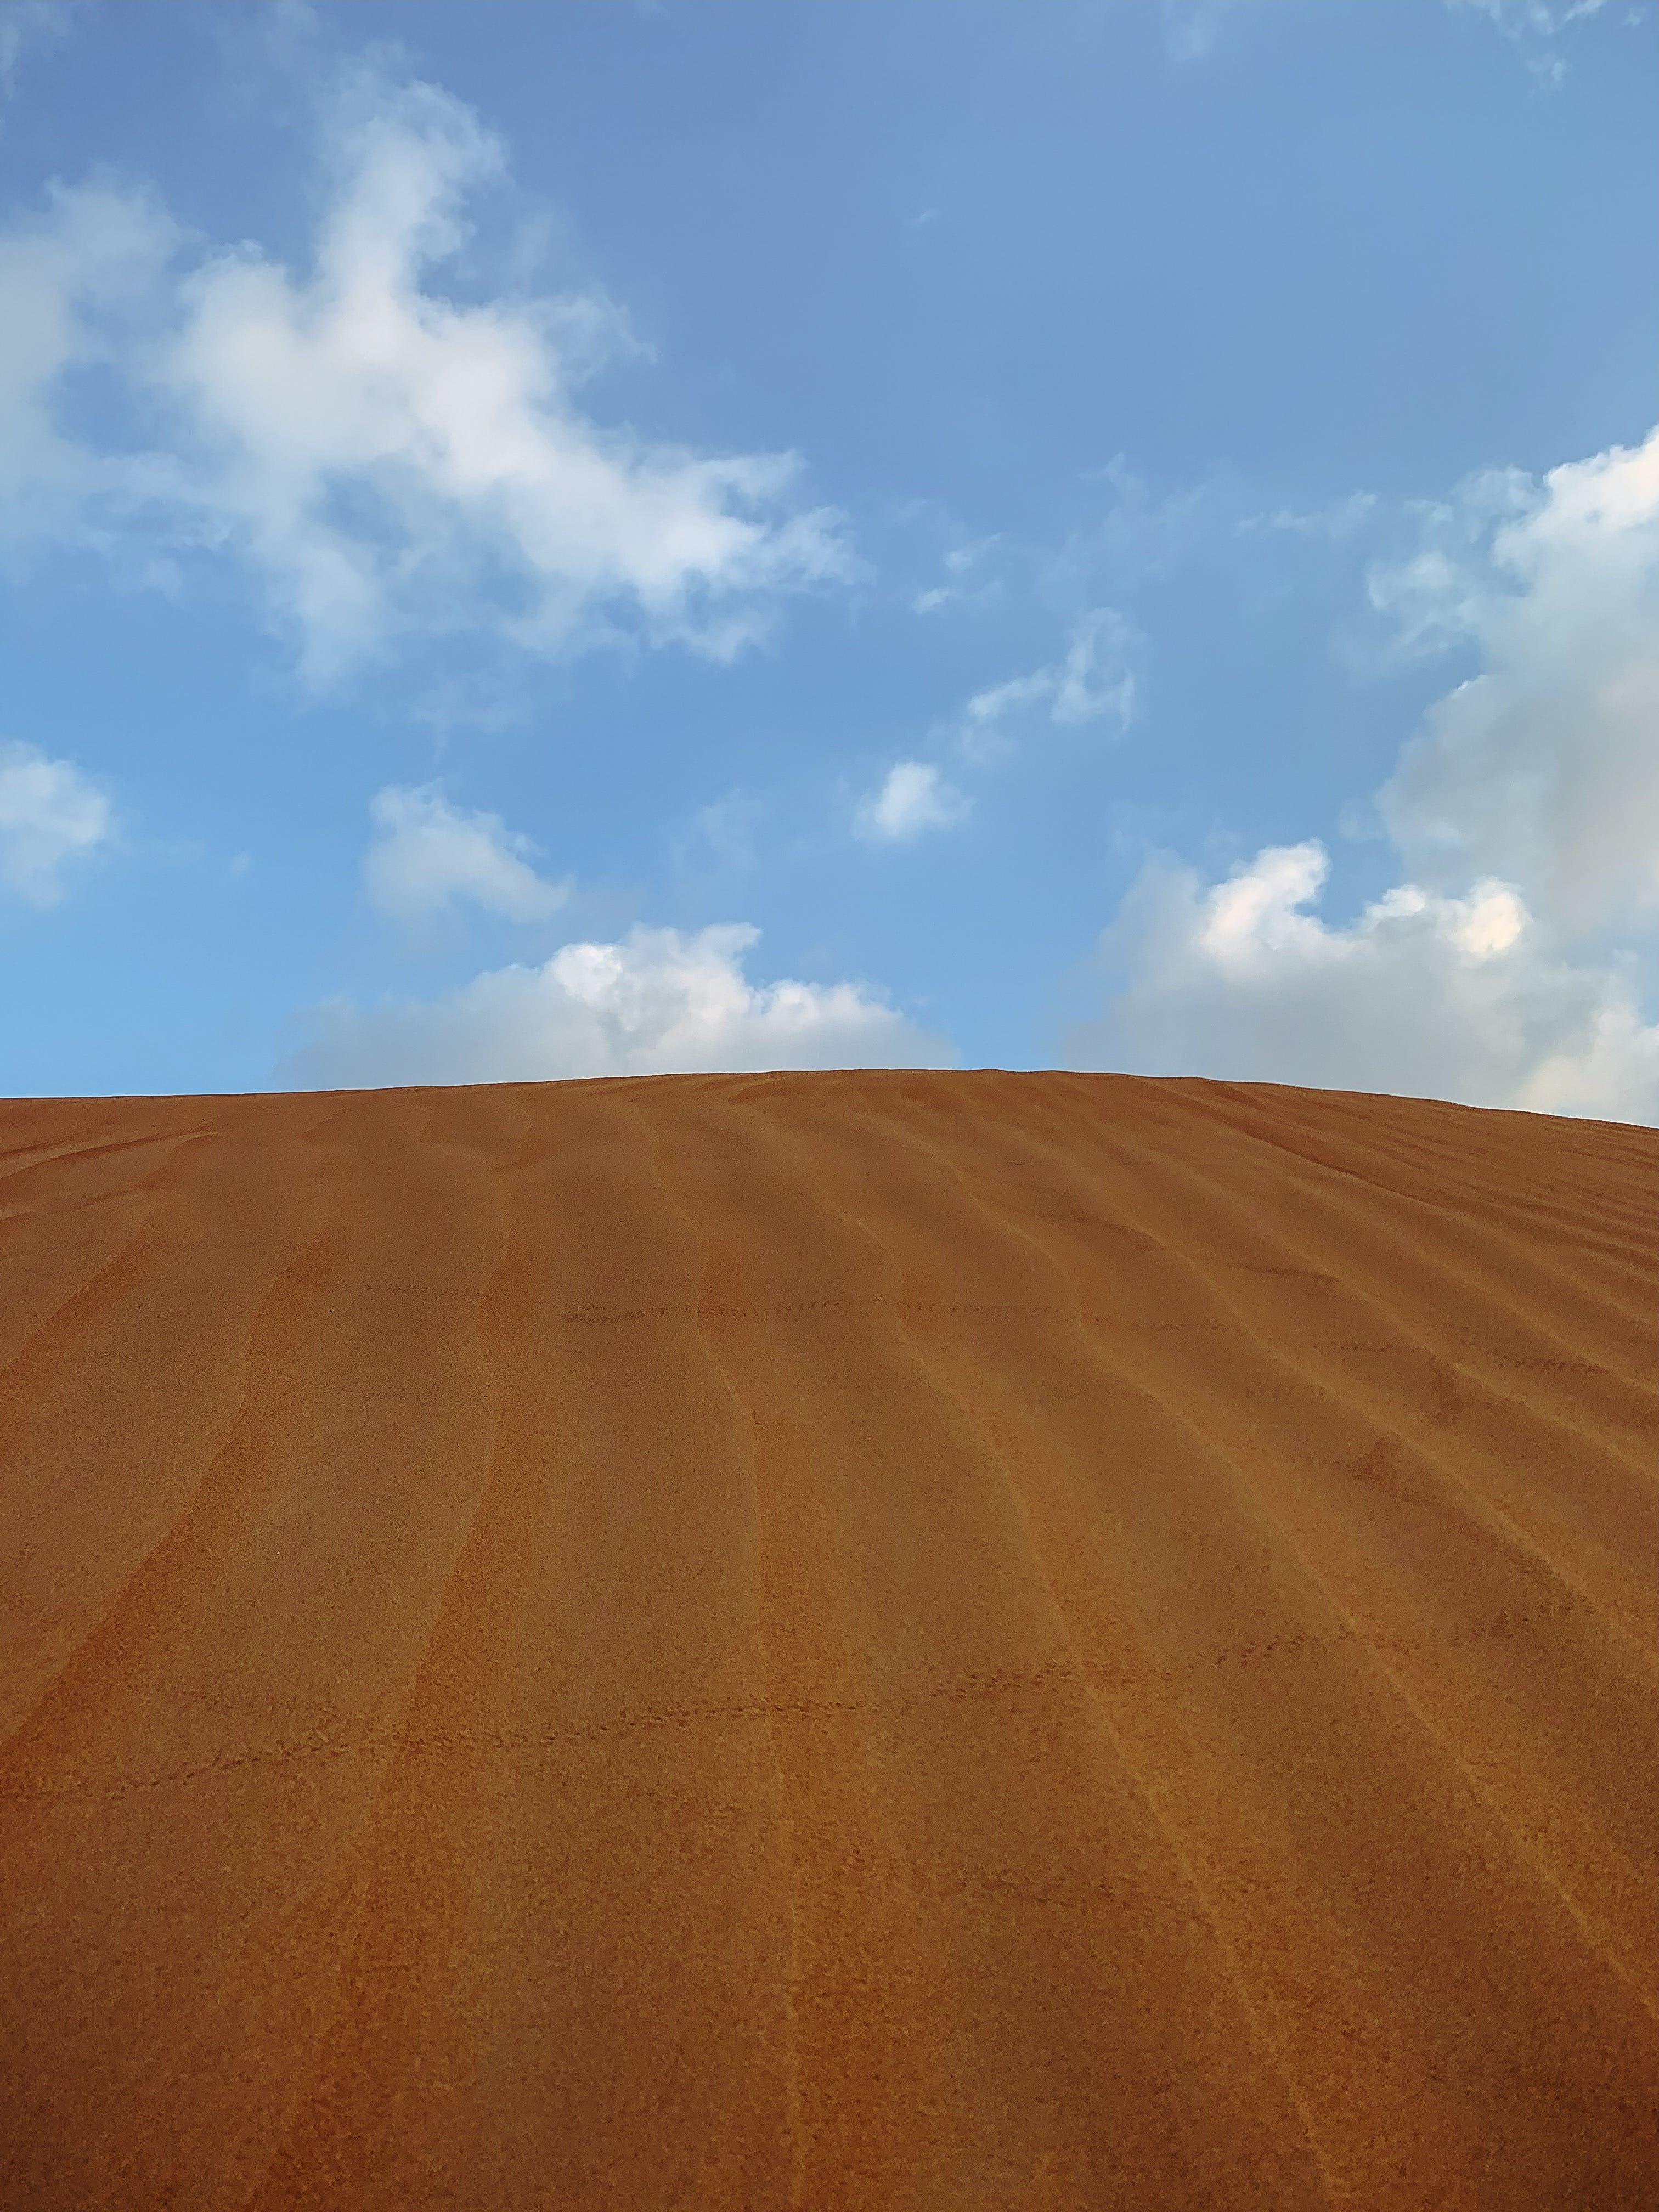 Gratis stockfoto met blauwe lucht, woestijn